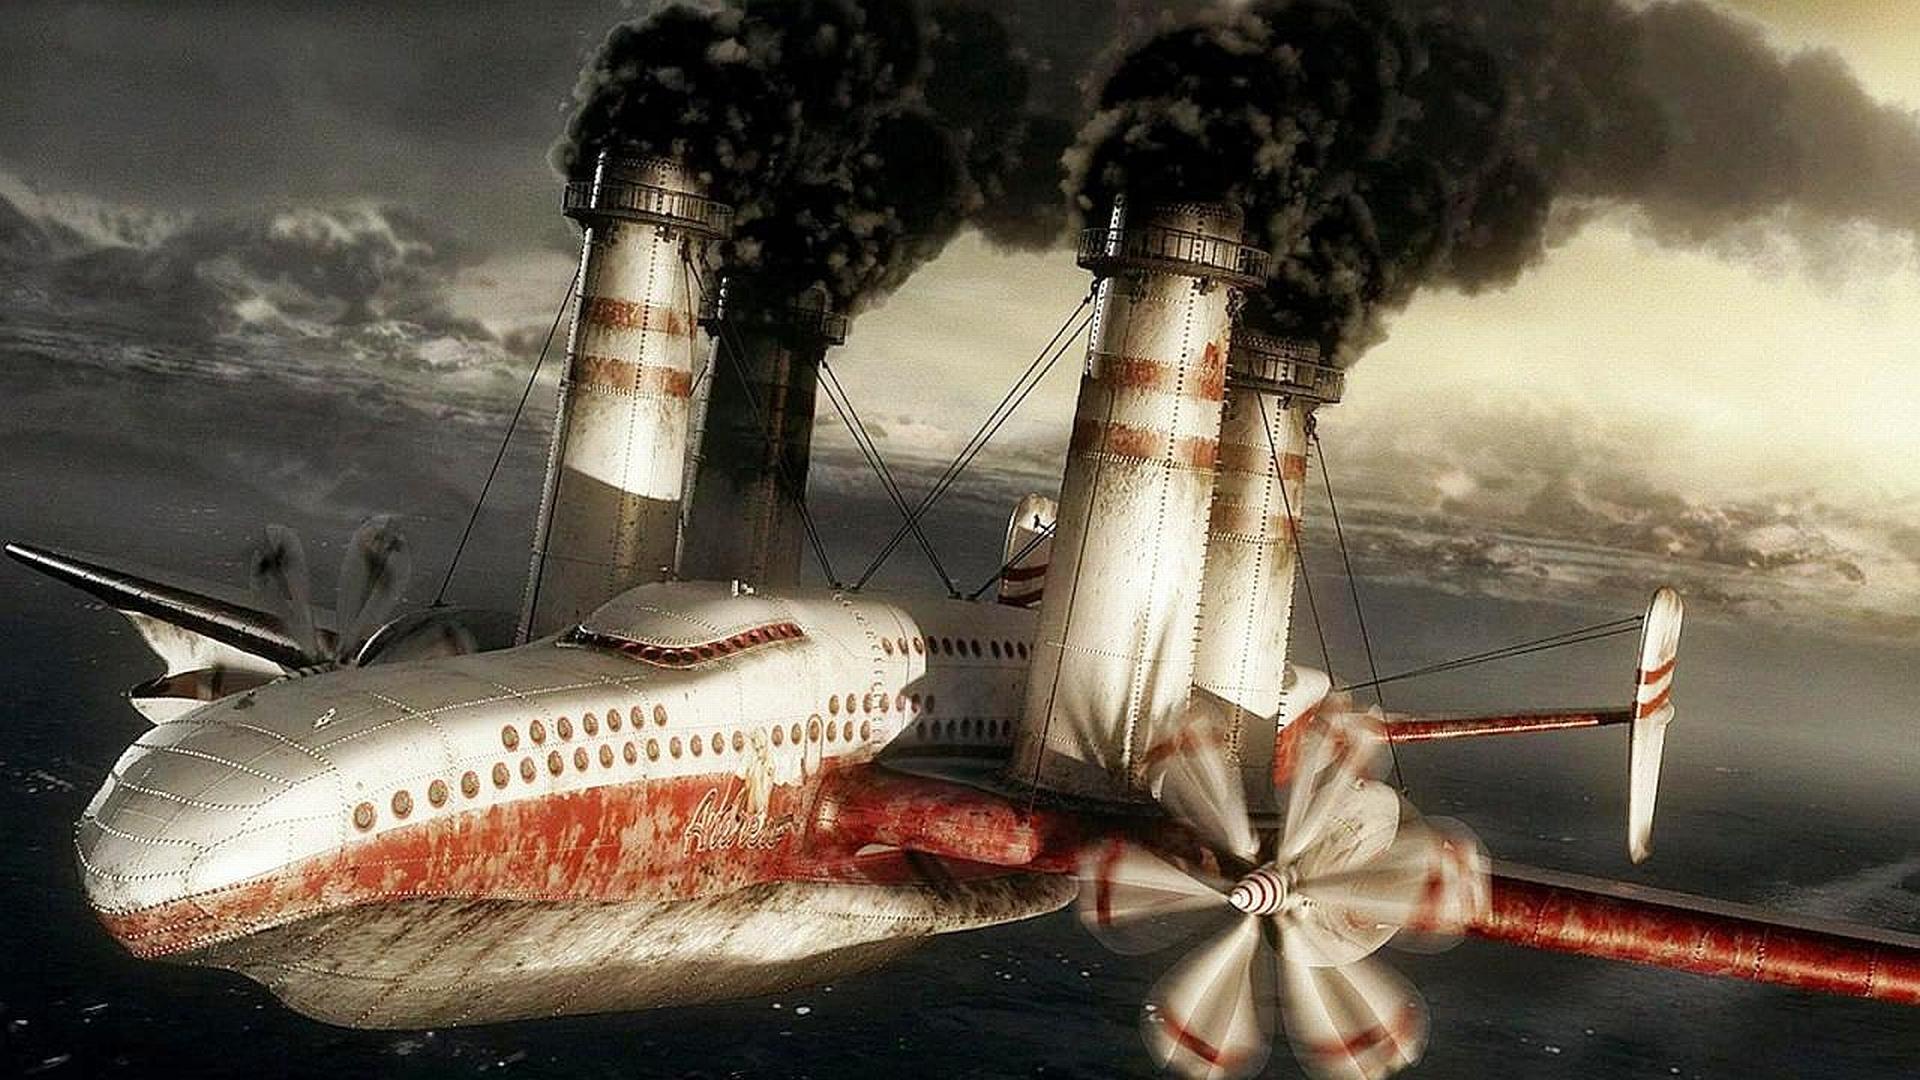 самолеты флаг дым без регистрации